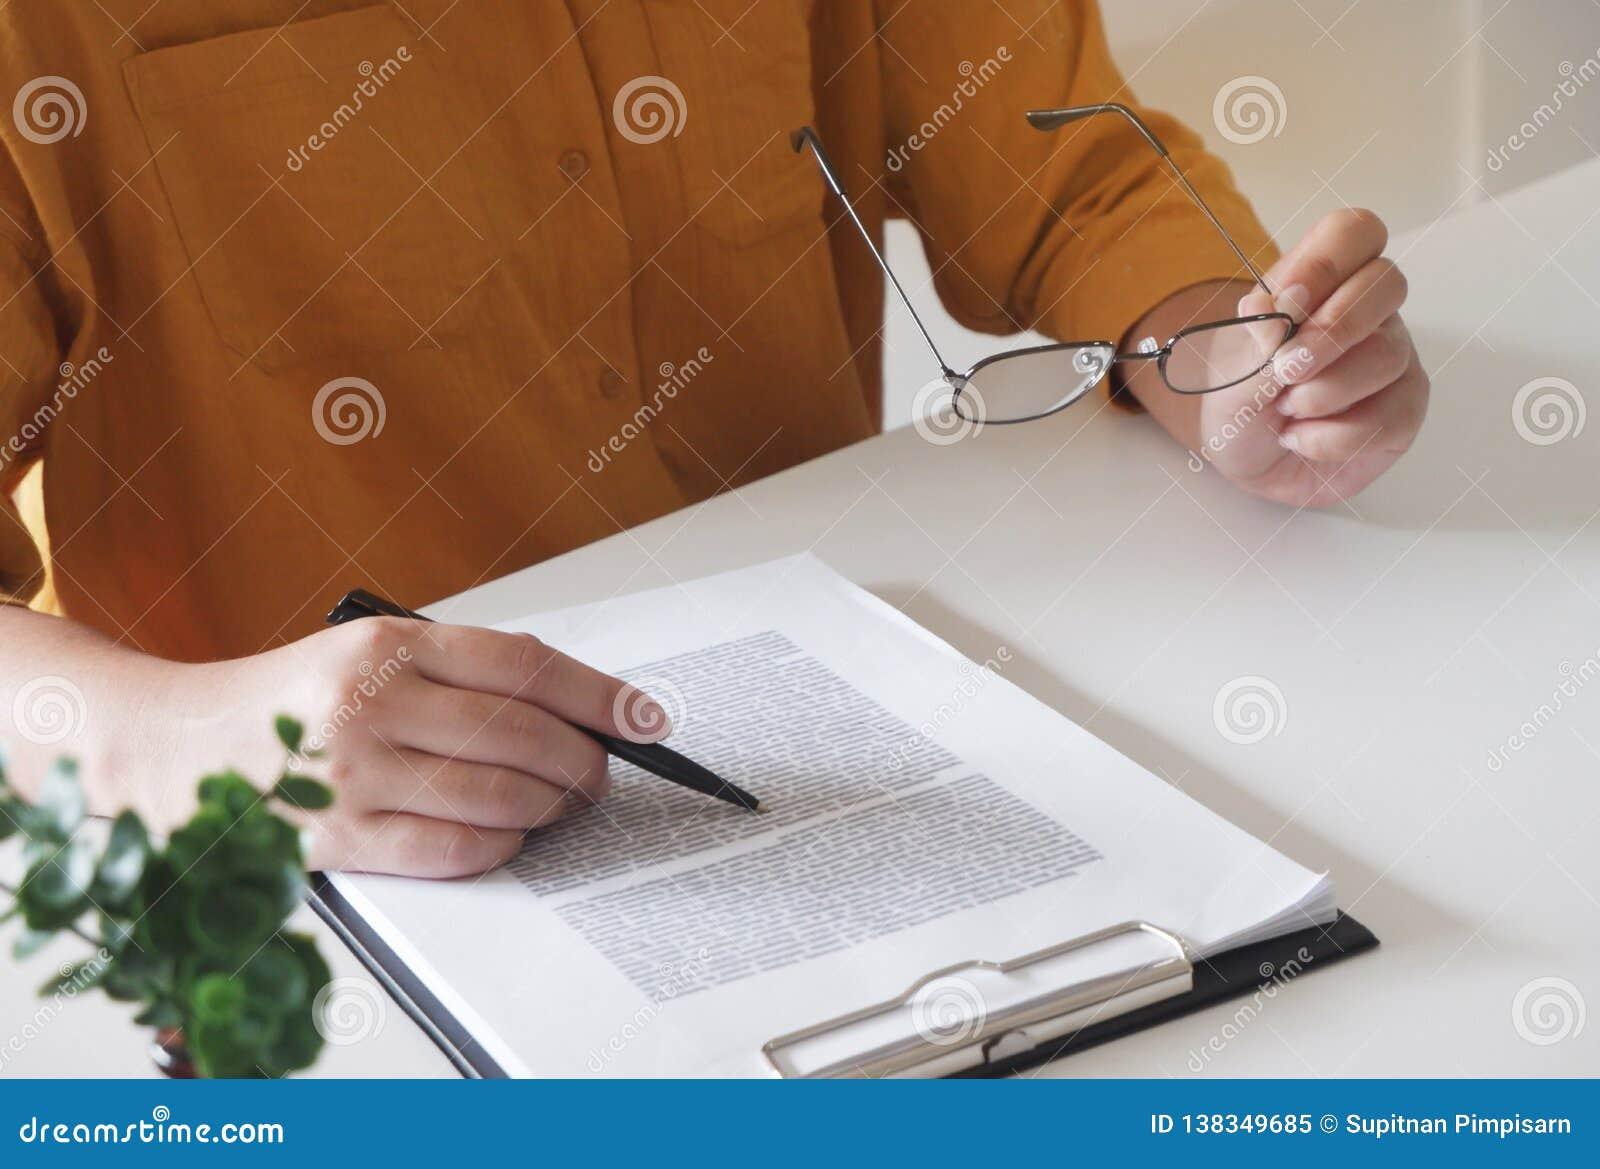 żeński zamknięte żeńskie ręki pisać coś i trzymać szkła w jej biurze